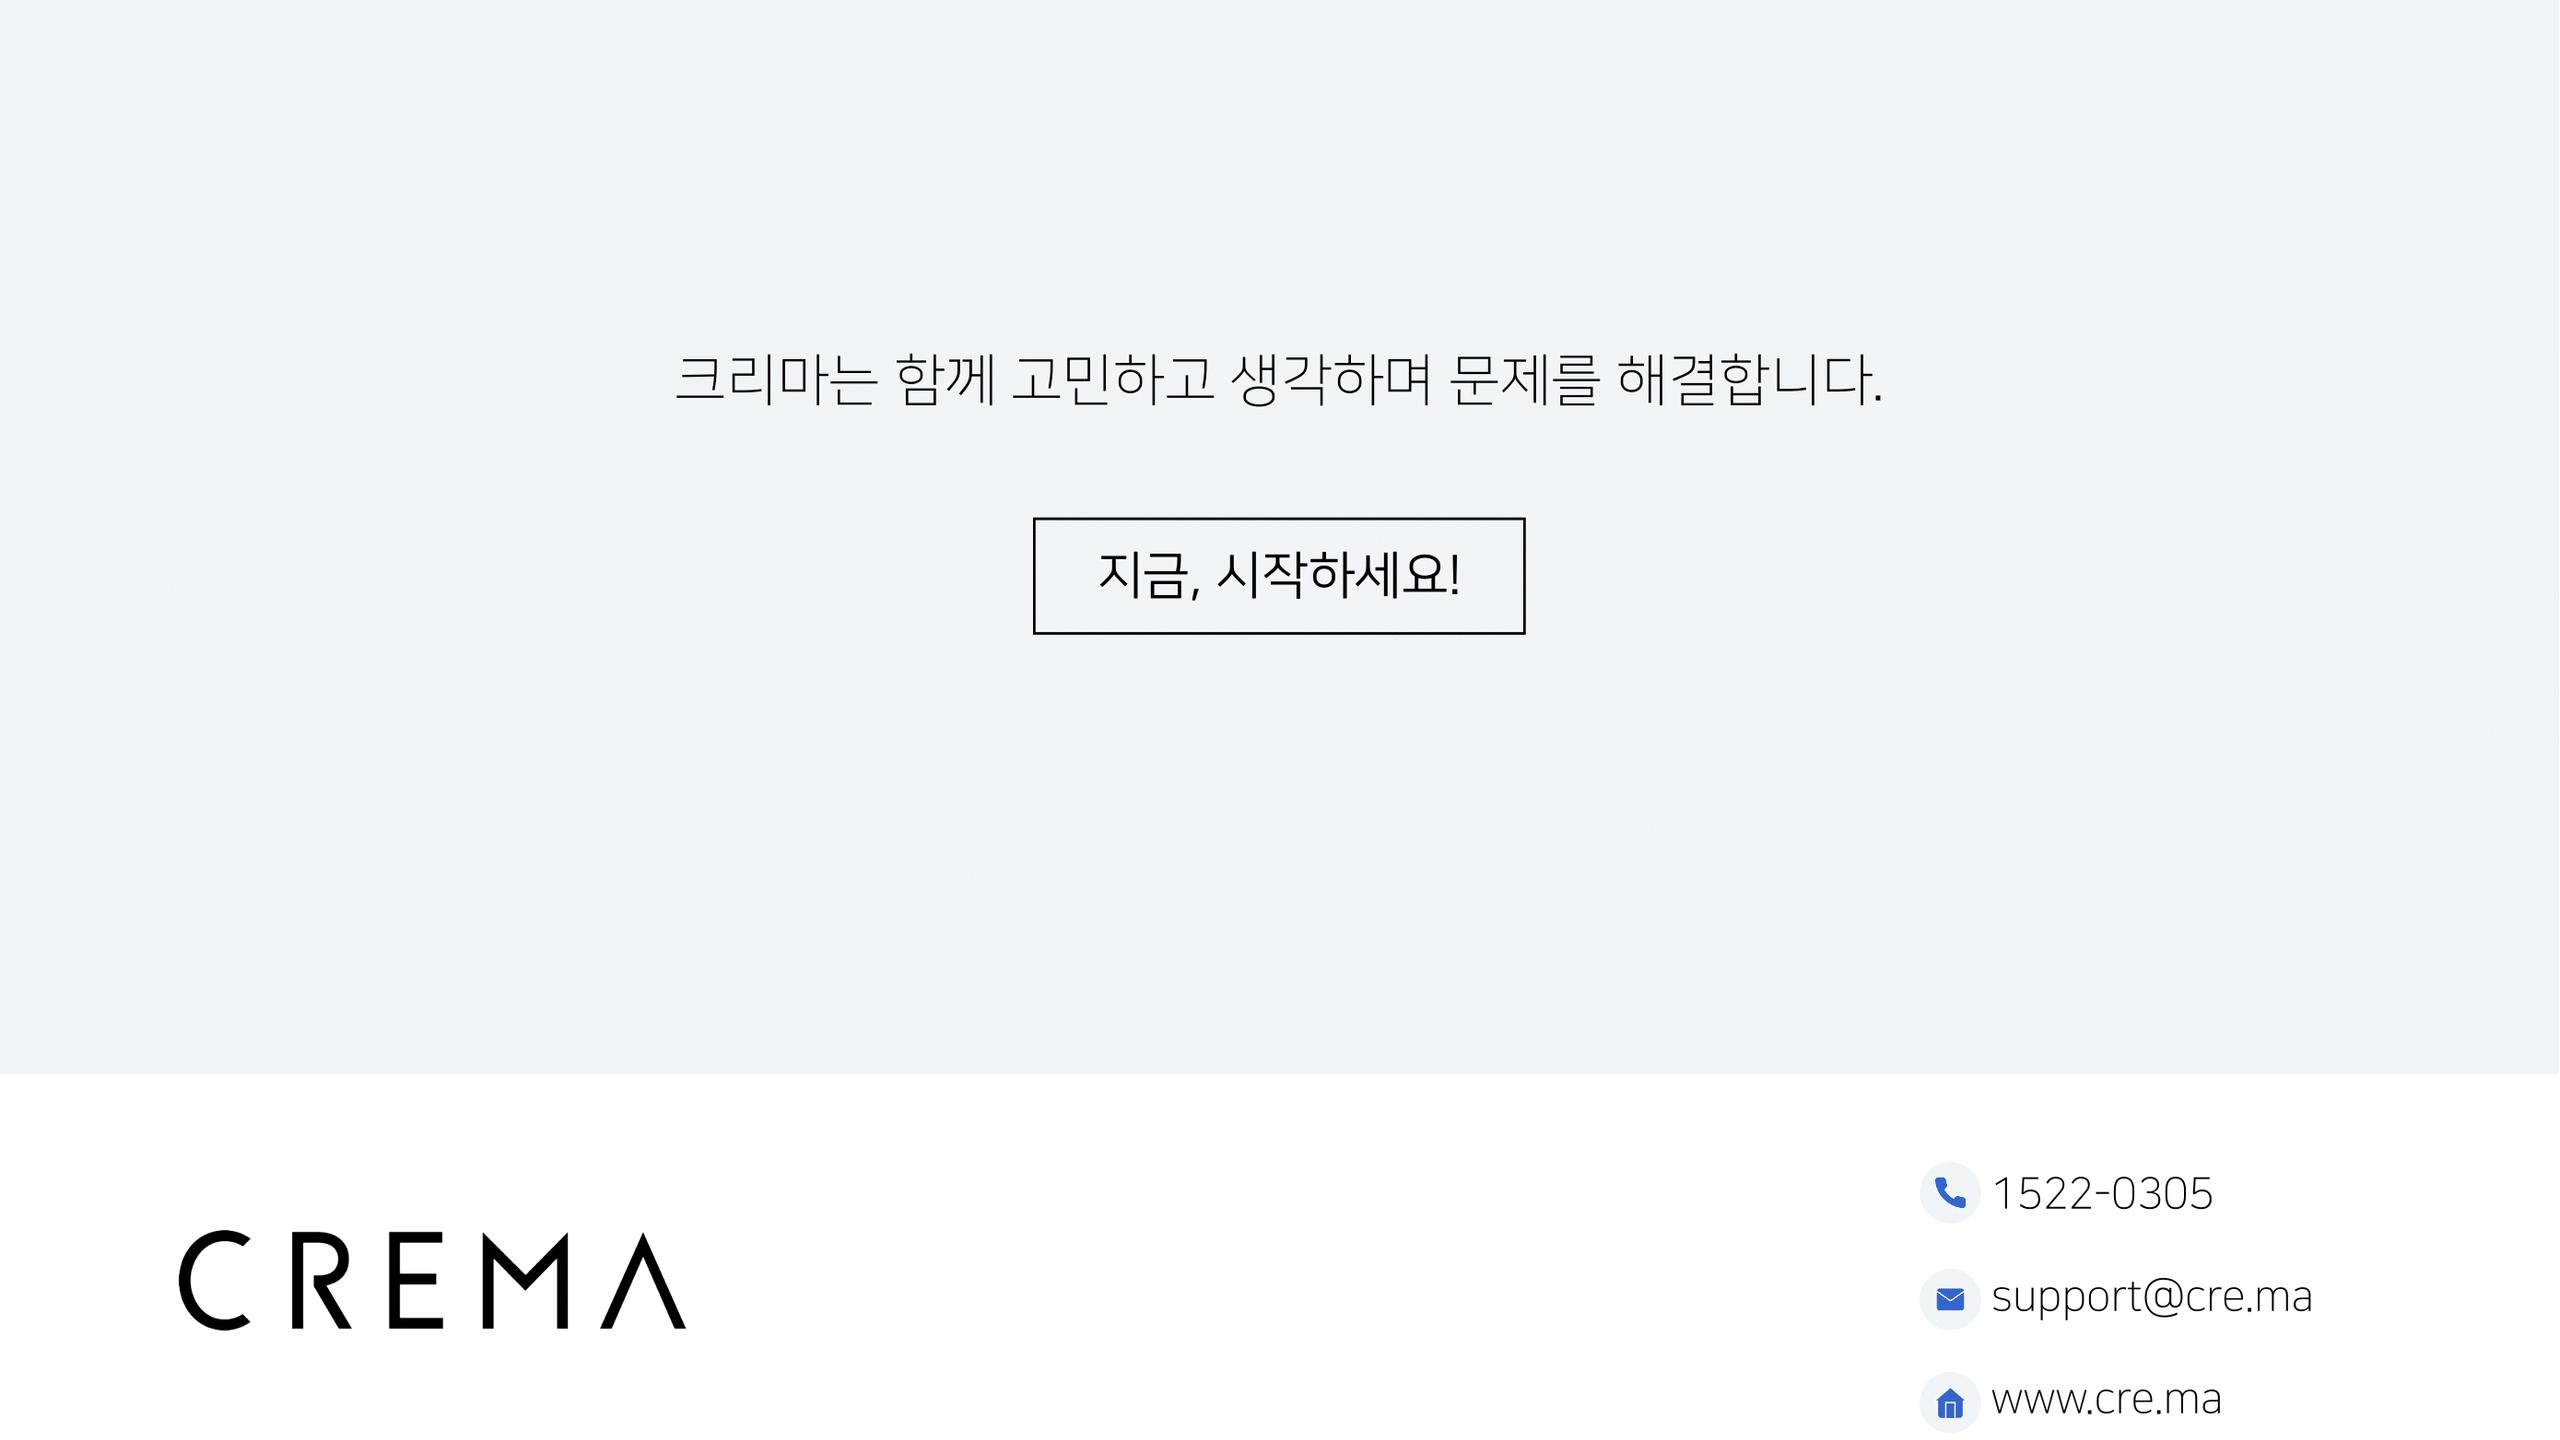 [CREMA] 크리마 리뷰 서비스 소개서_20191003-22